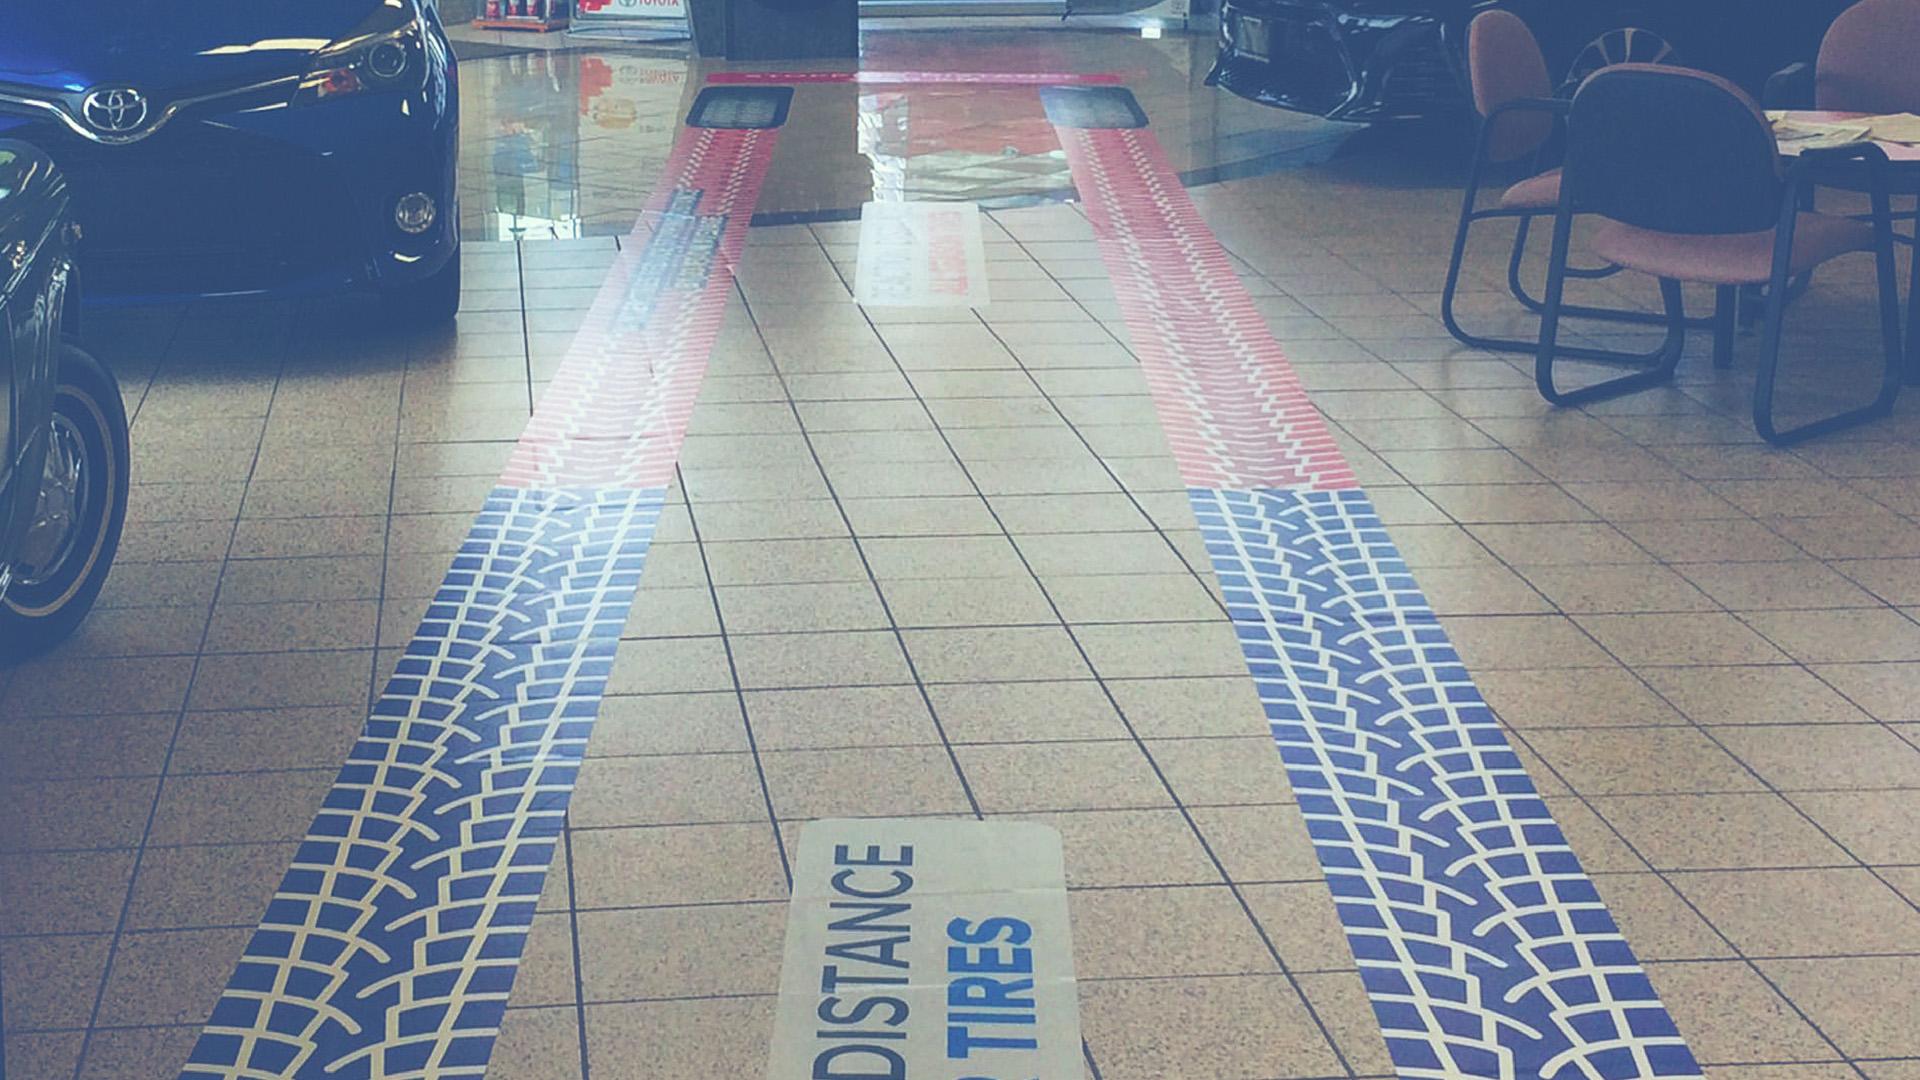 floor-graphics-peek-imaging